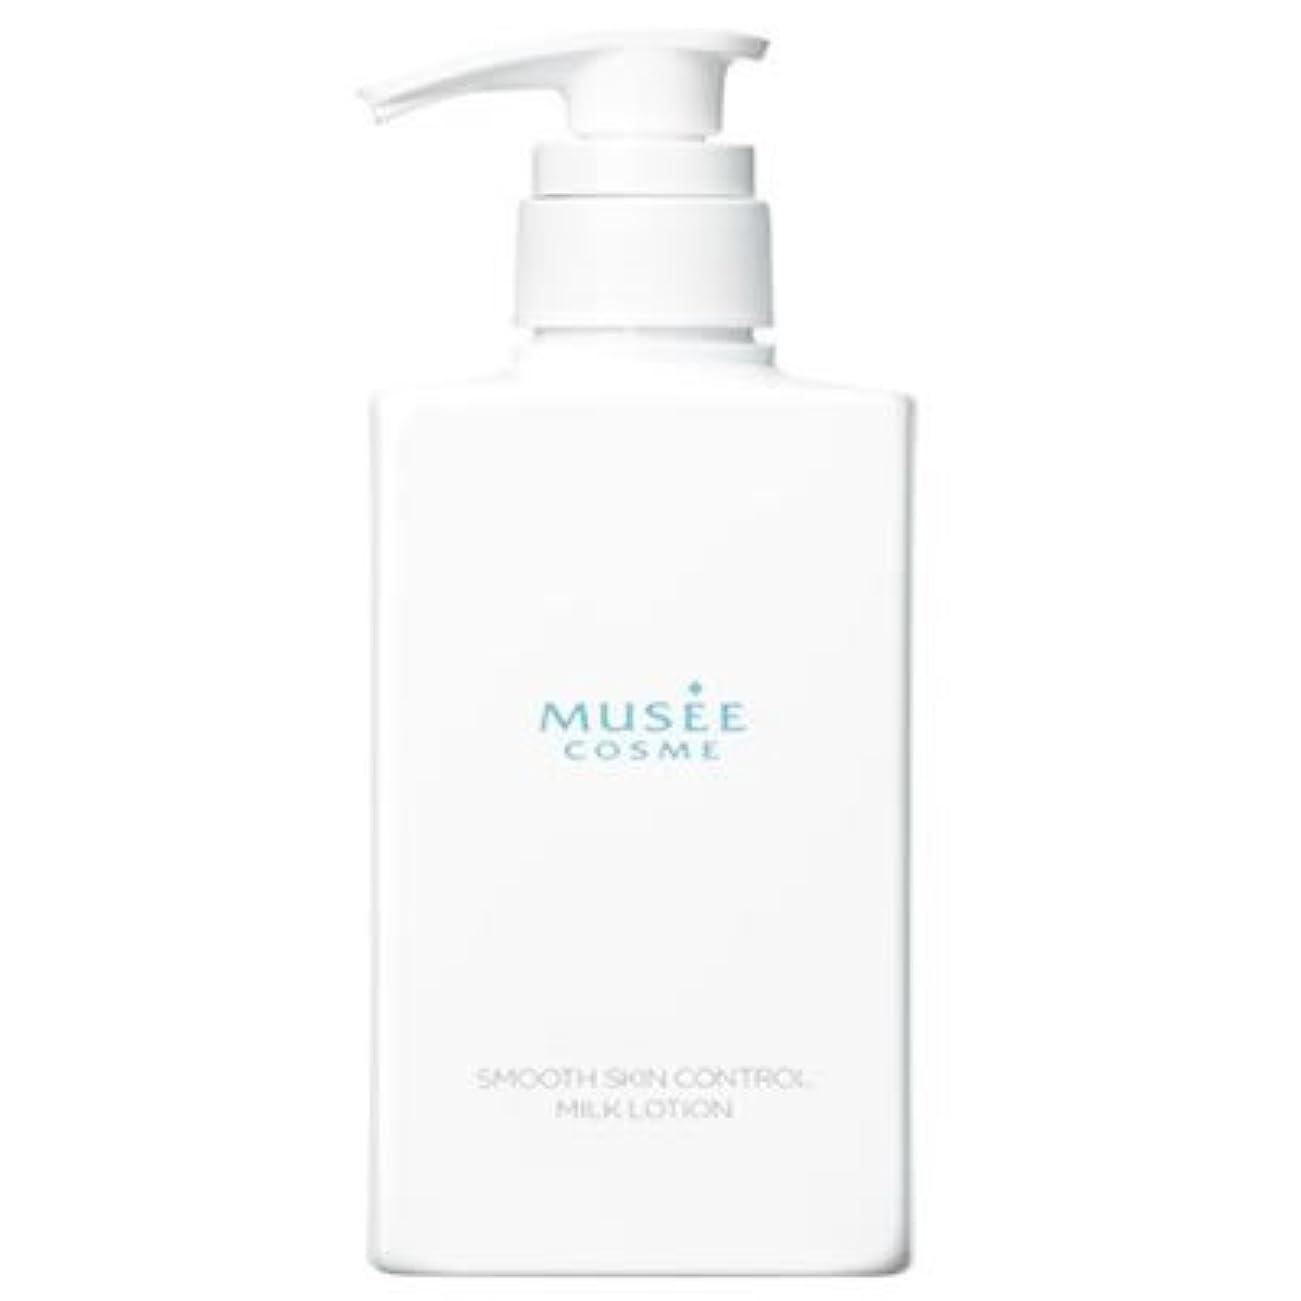 相互接続靄バッテリーミュゼ 薬用スムーススキンコントロールミルクローション 300ml スイートイランイランの香り